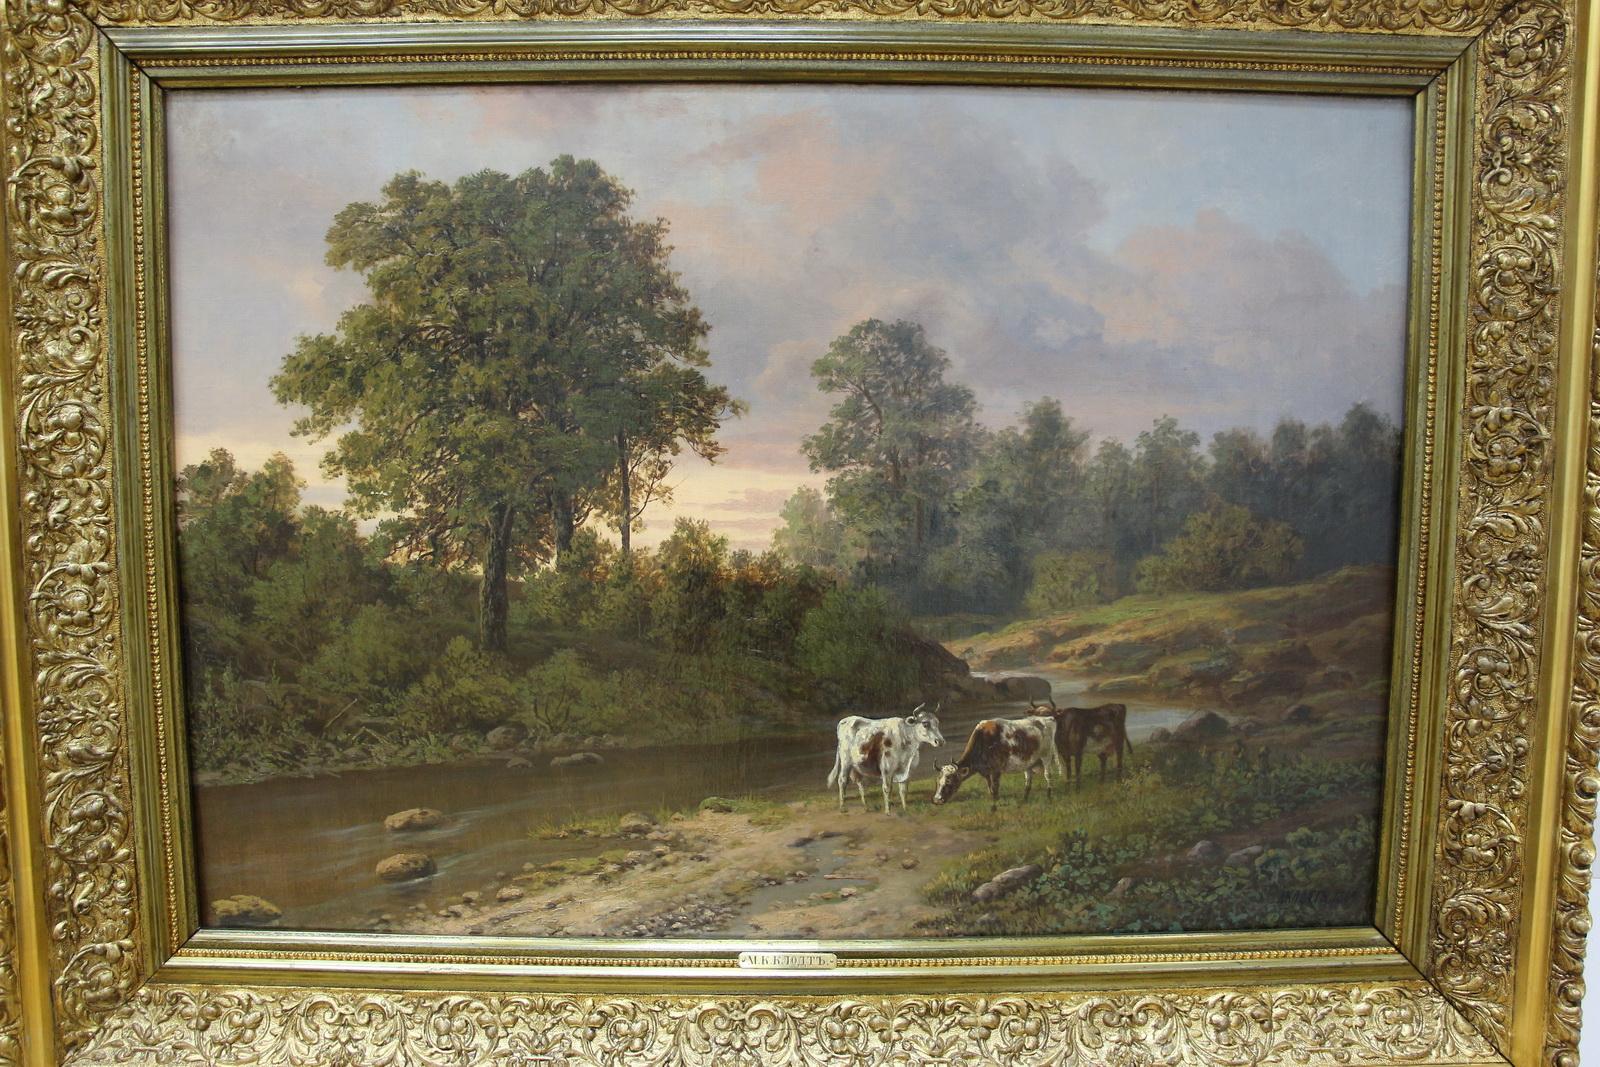 Скупаем старые картины, дорого и срочно